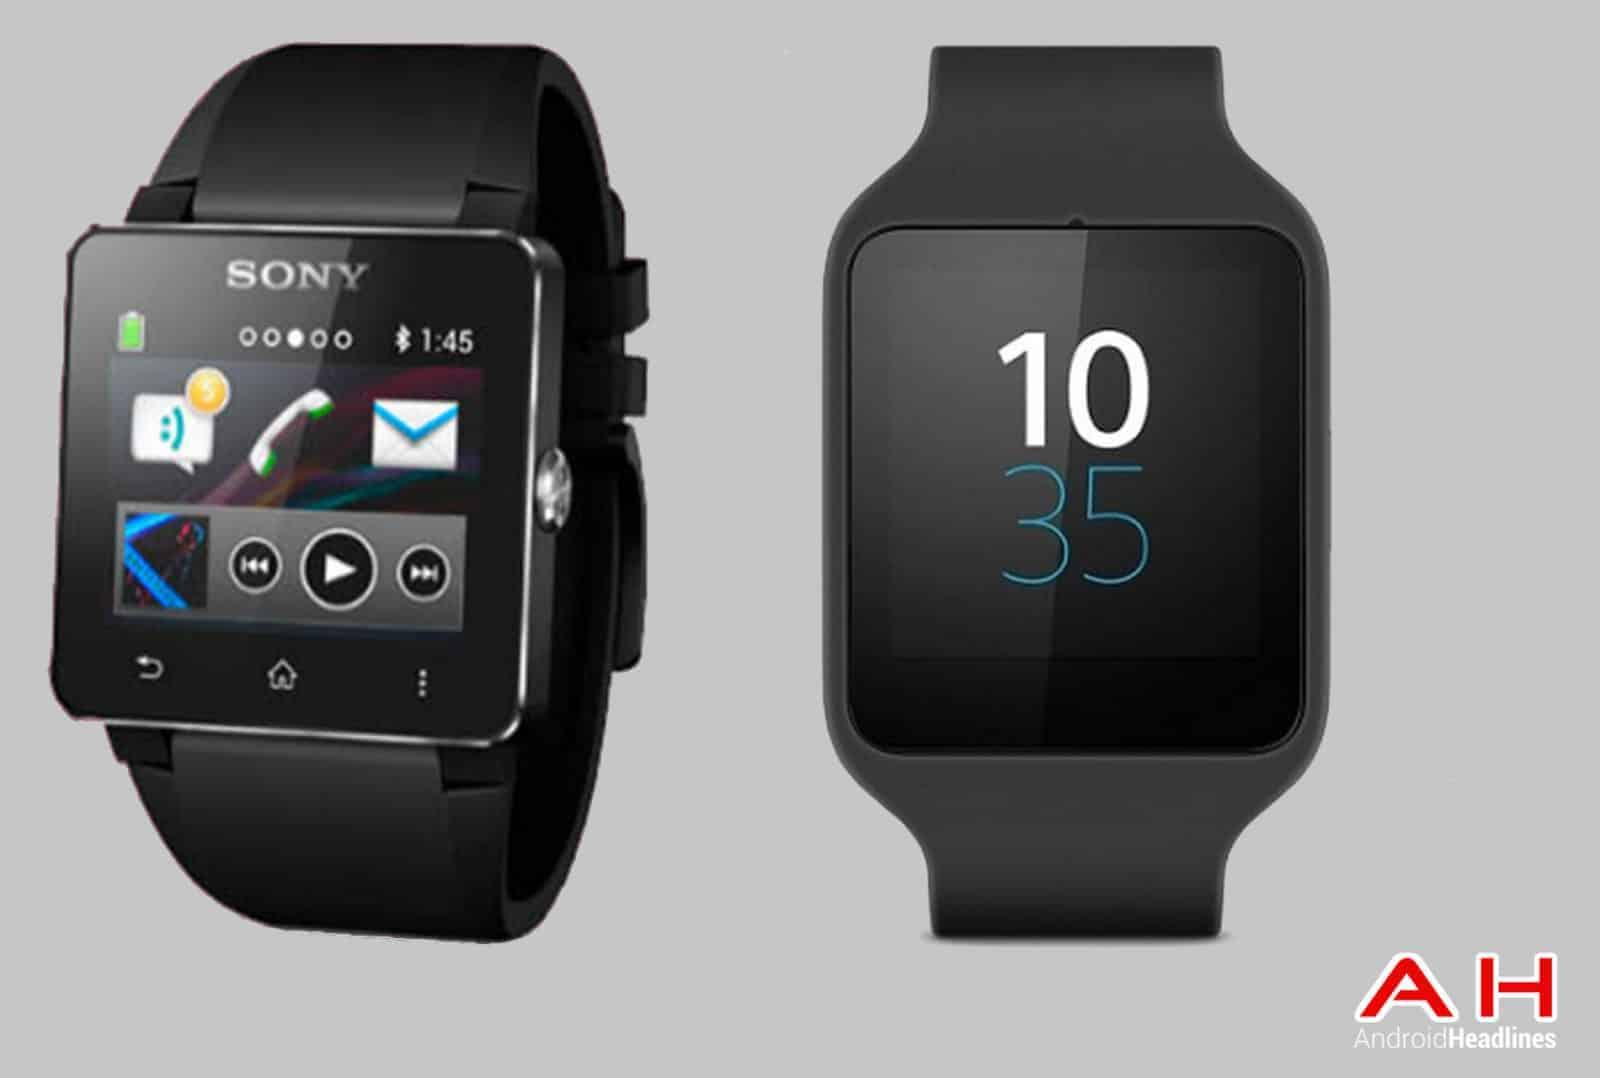 Smartwatch Comparisons: Sony SmartWatch 2 vs Sony ...